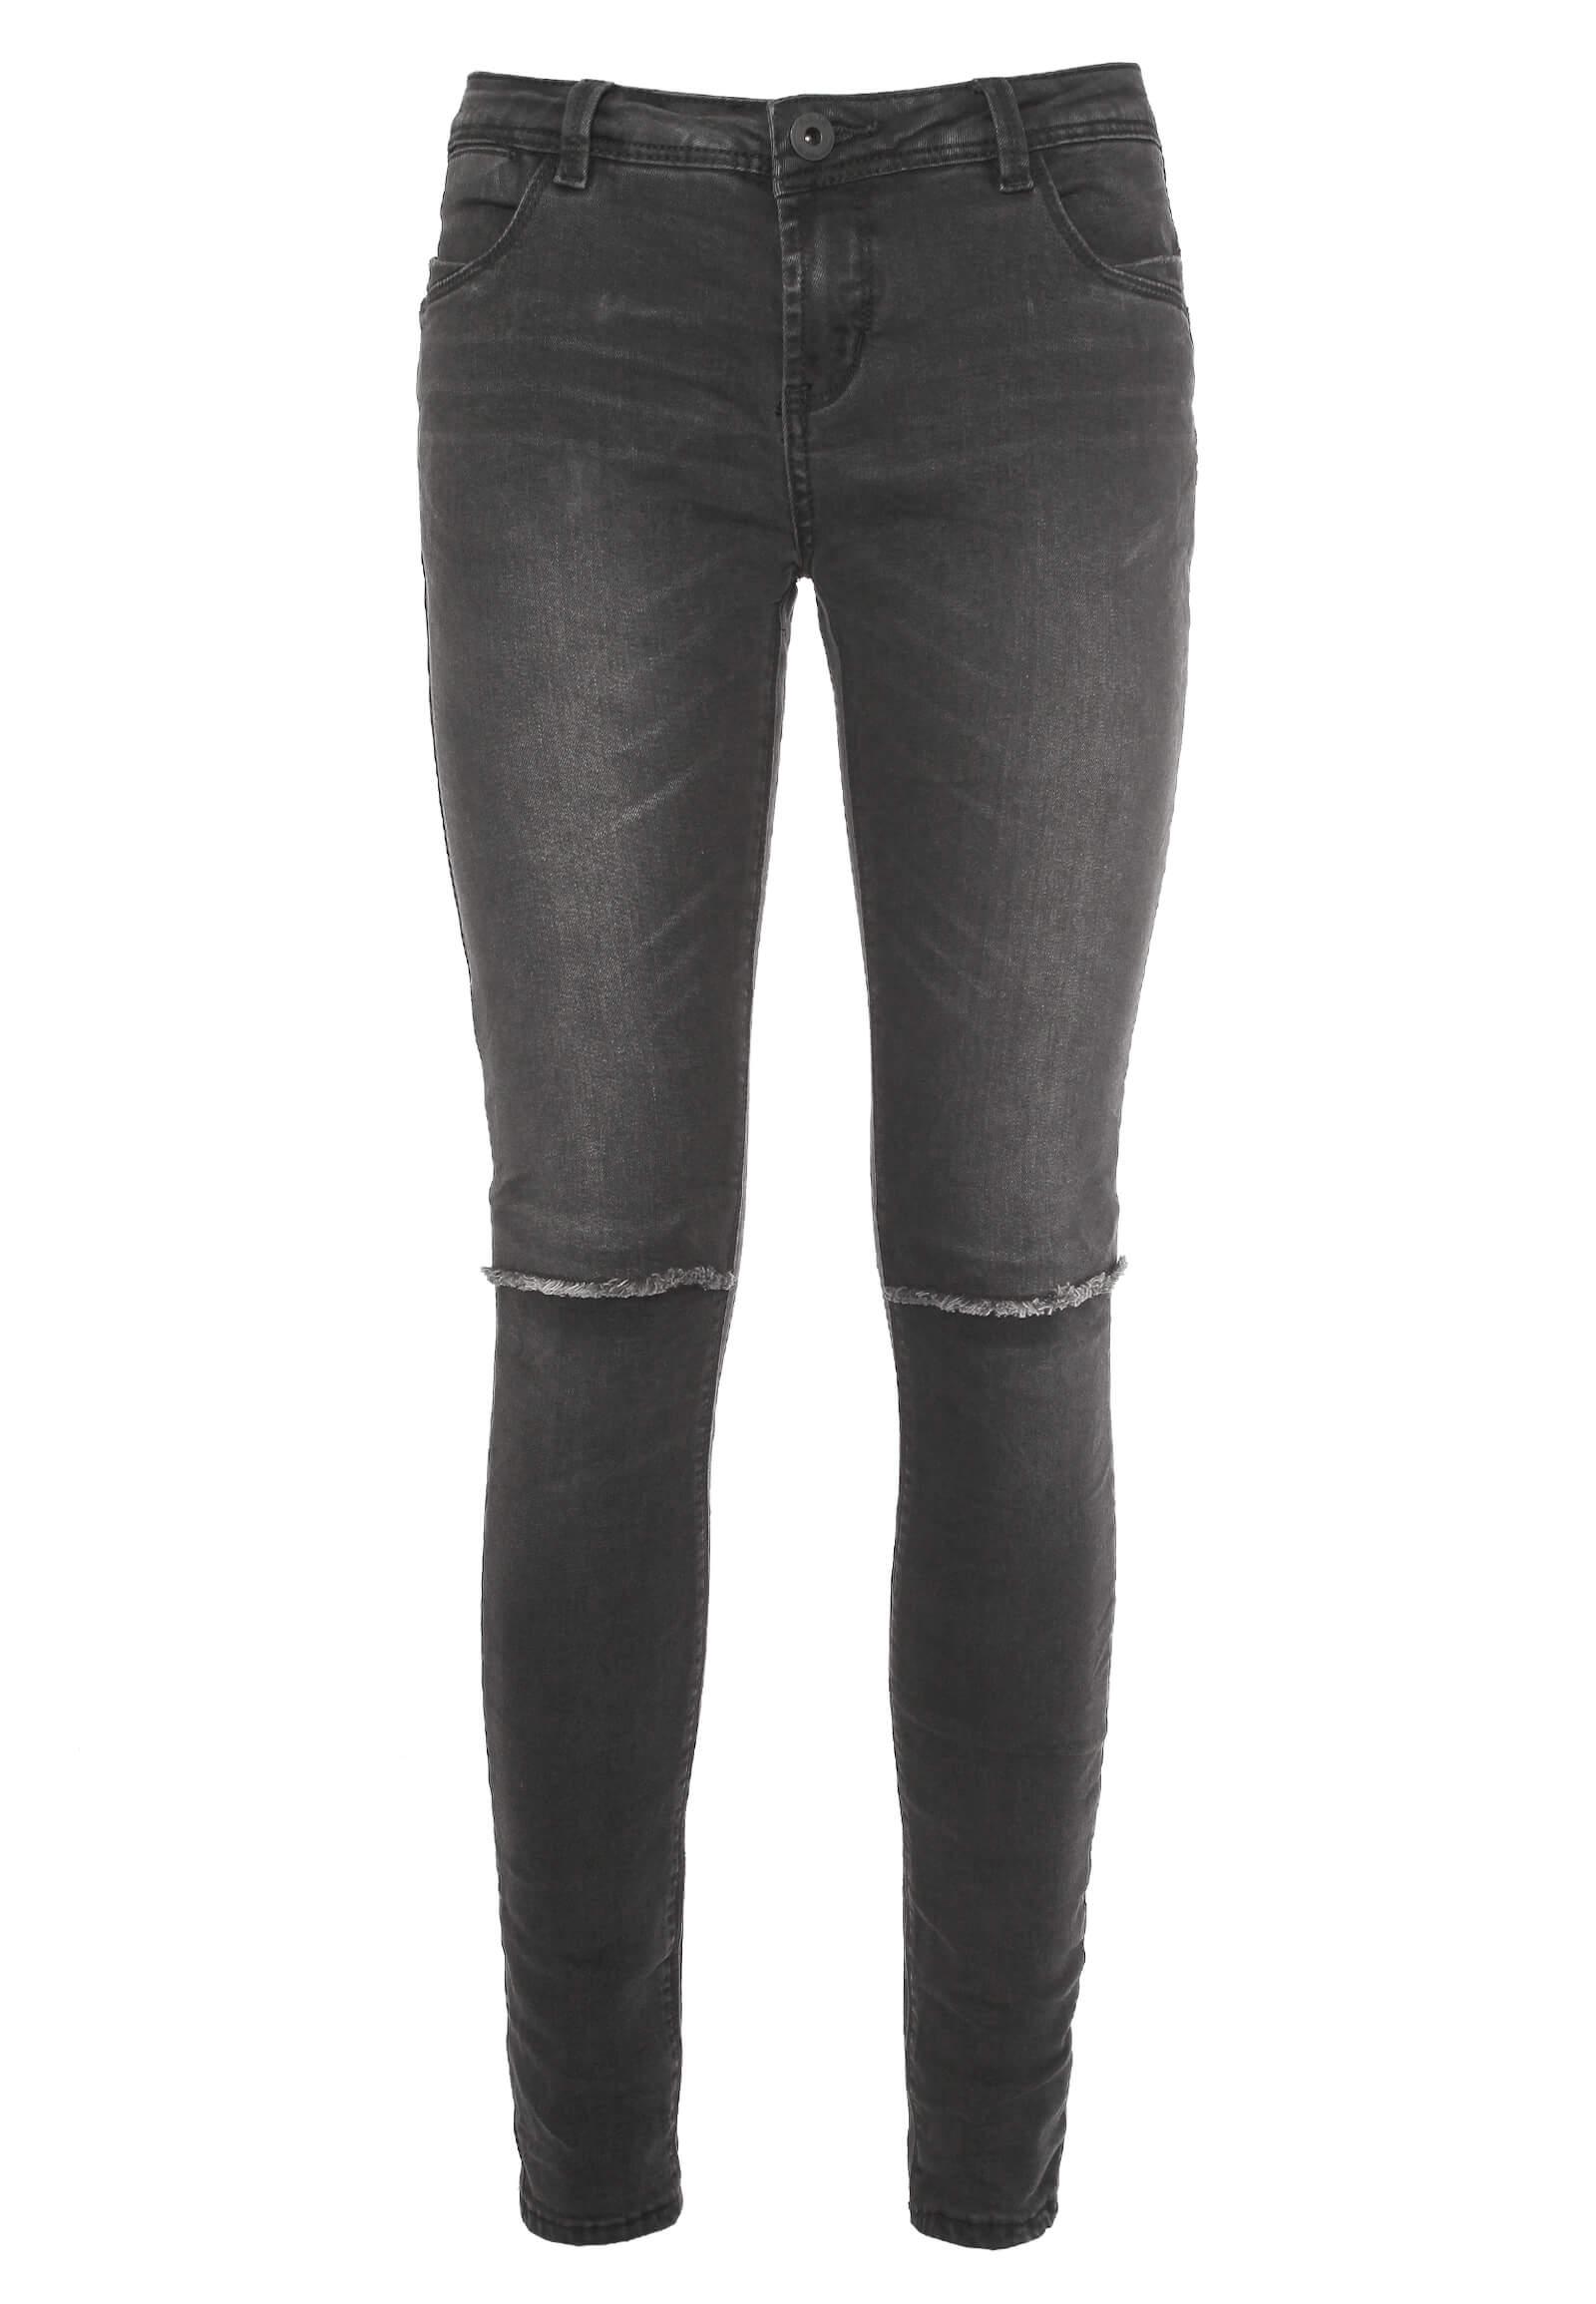 Dunkel-Graue Jeans mit Knie Schlitzen